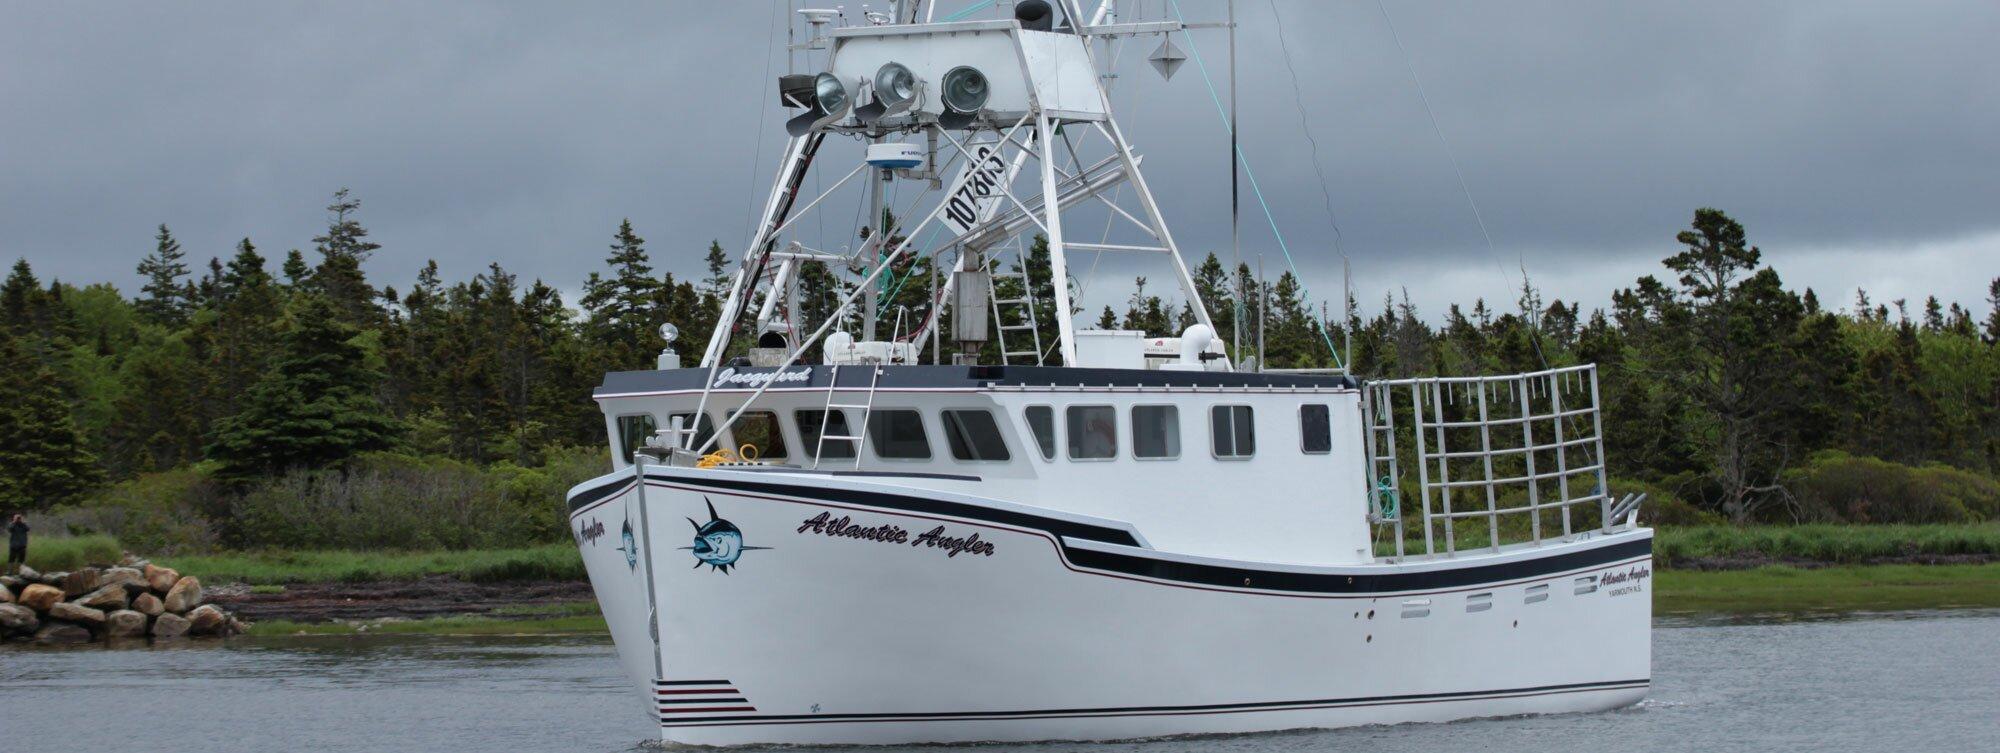 Boat - Atlantic Angler